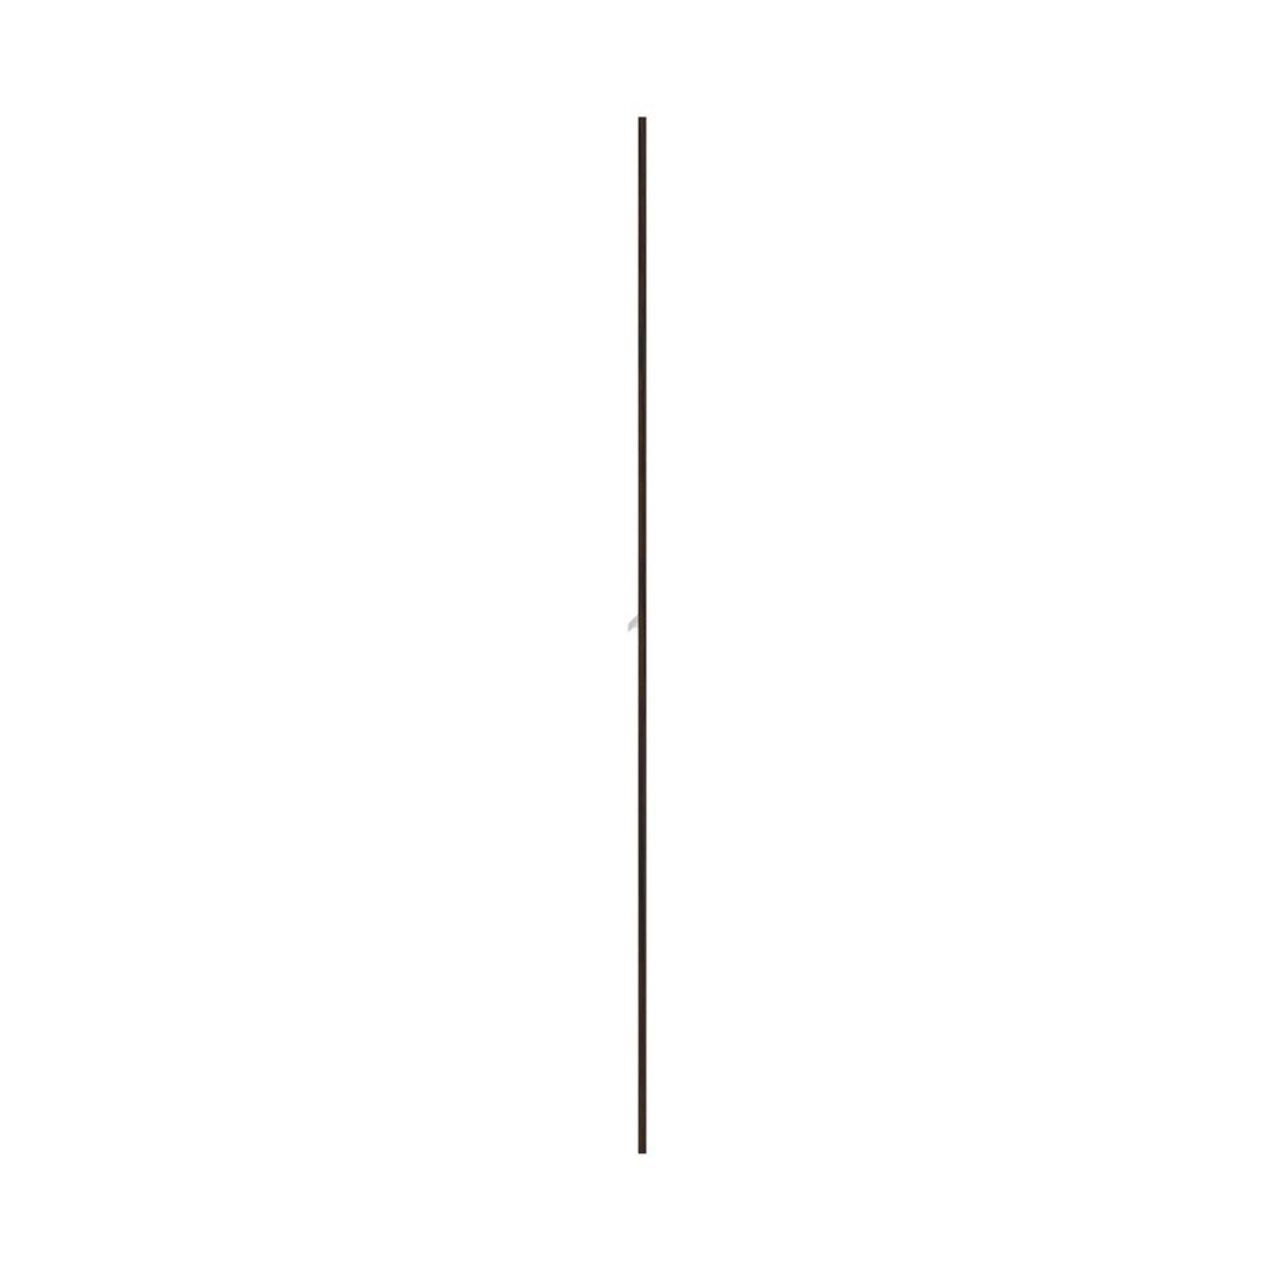 Двери глухие  Бонд 44x2x202 - фото 4